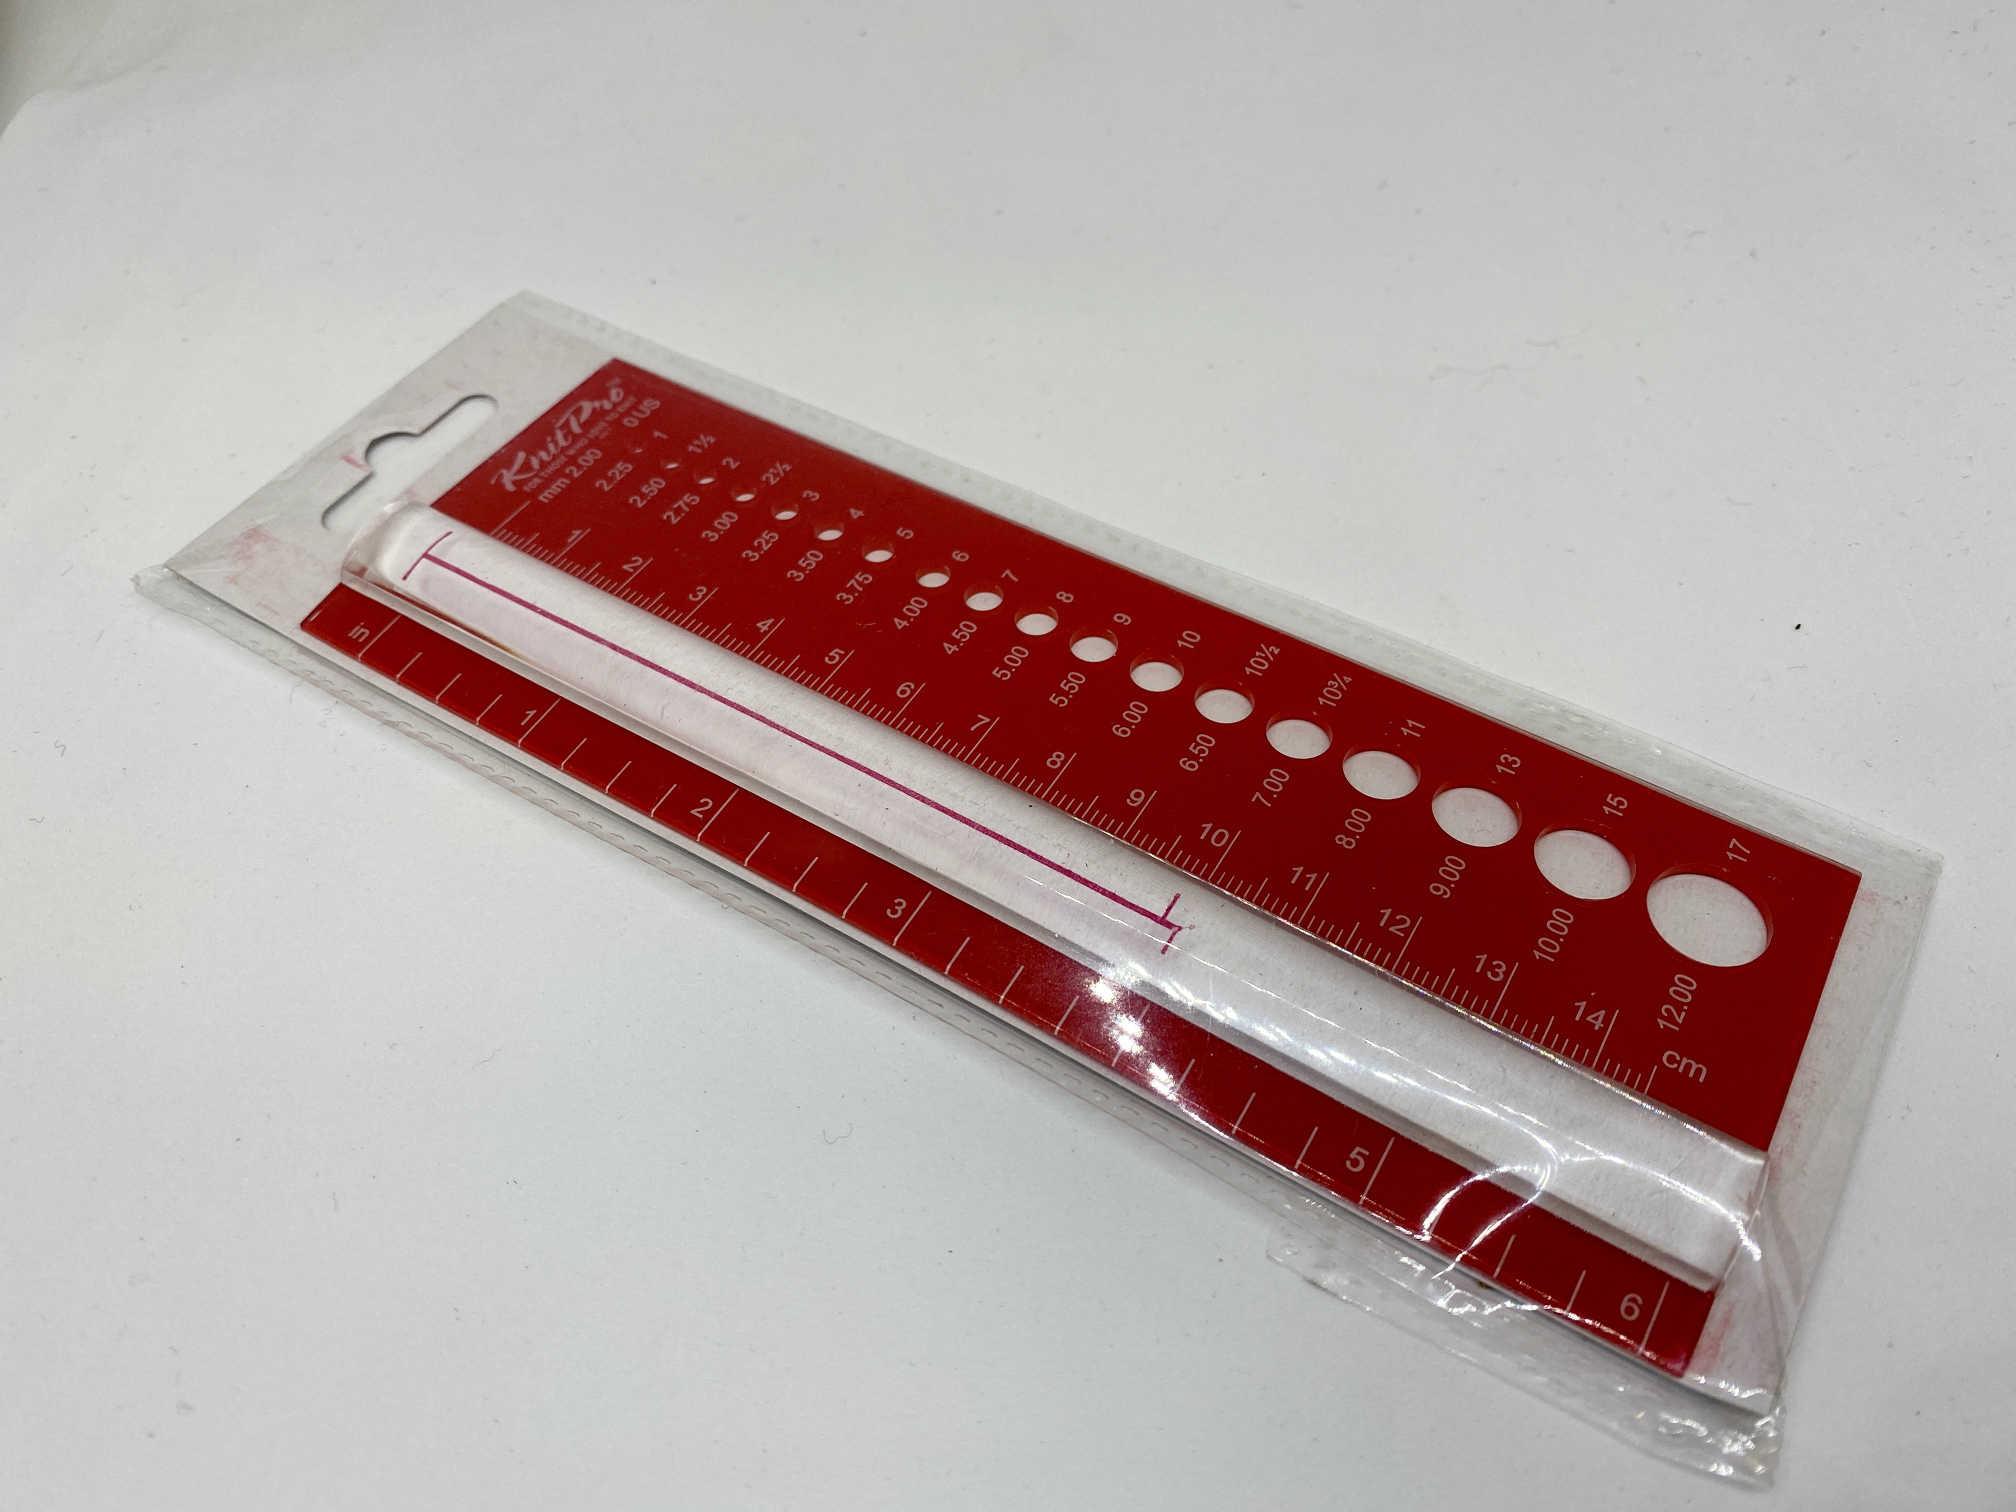 Knit Pro Needle Gauge